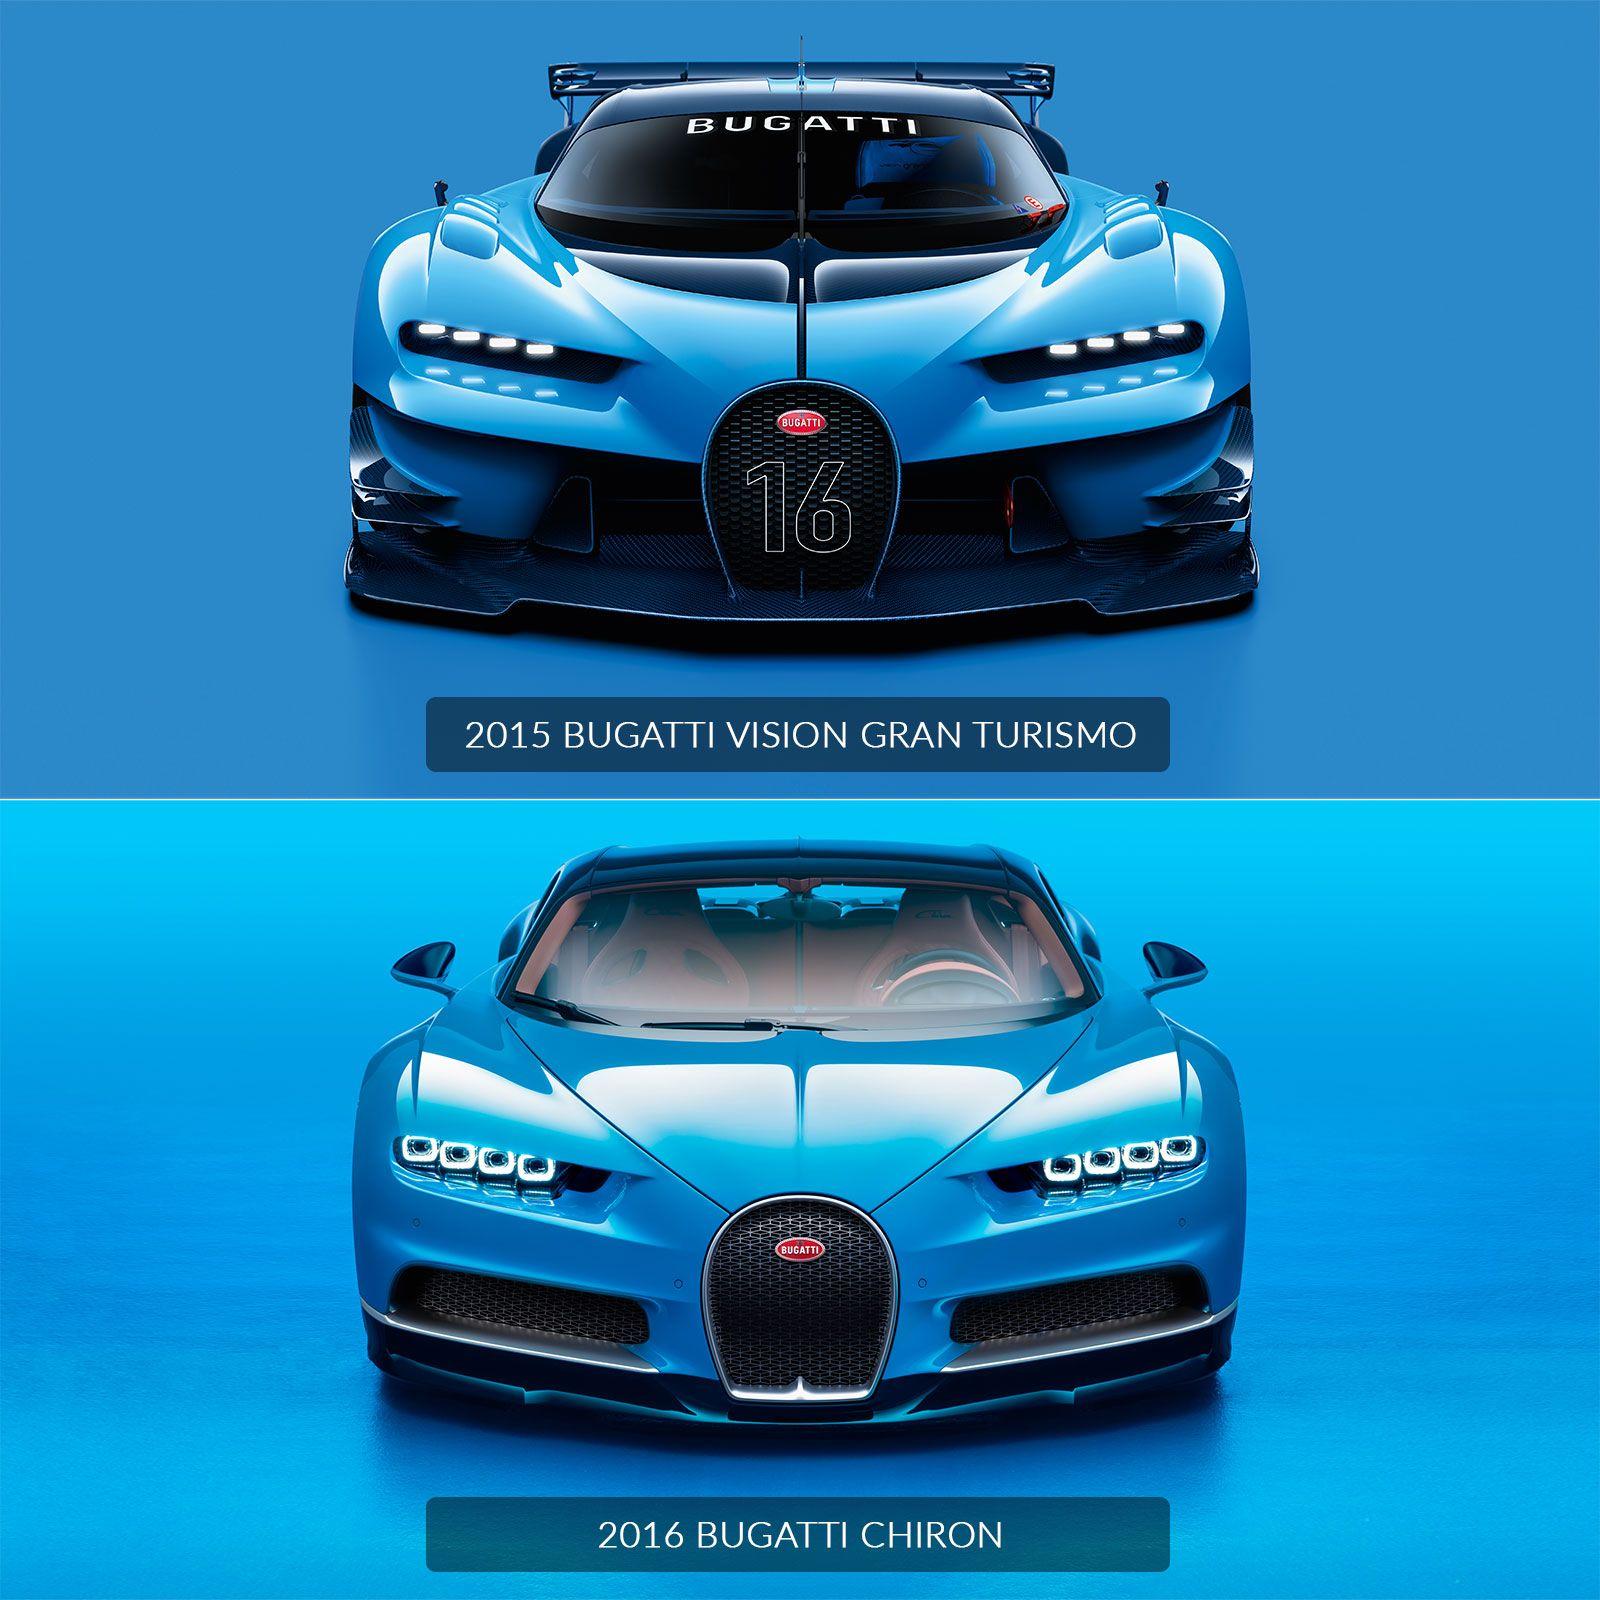 Bugatti Chiron Vs Vision Gran Turismo Design Comparison Bugatti Chiron Bugatti Best Luxury Cars